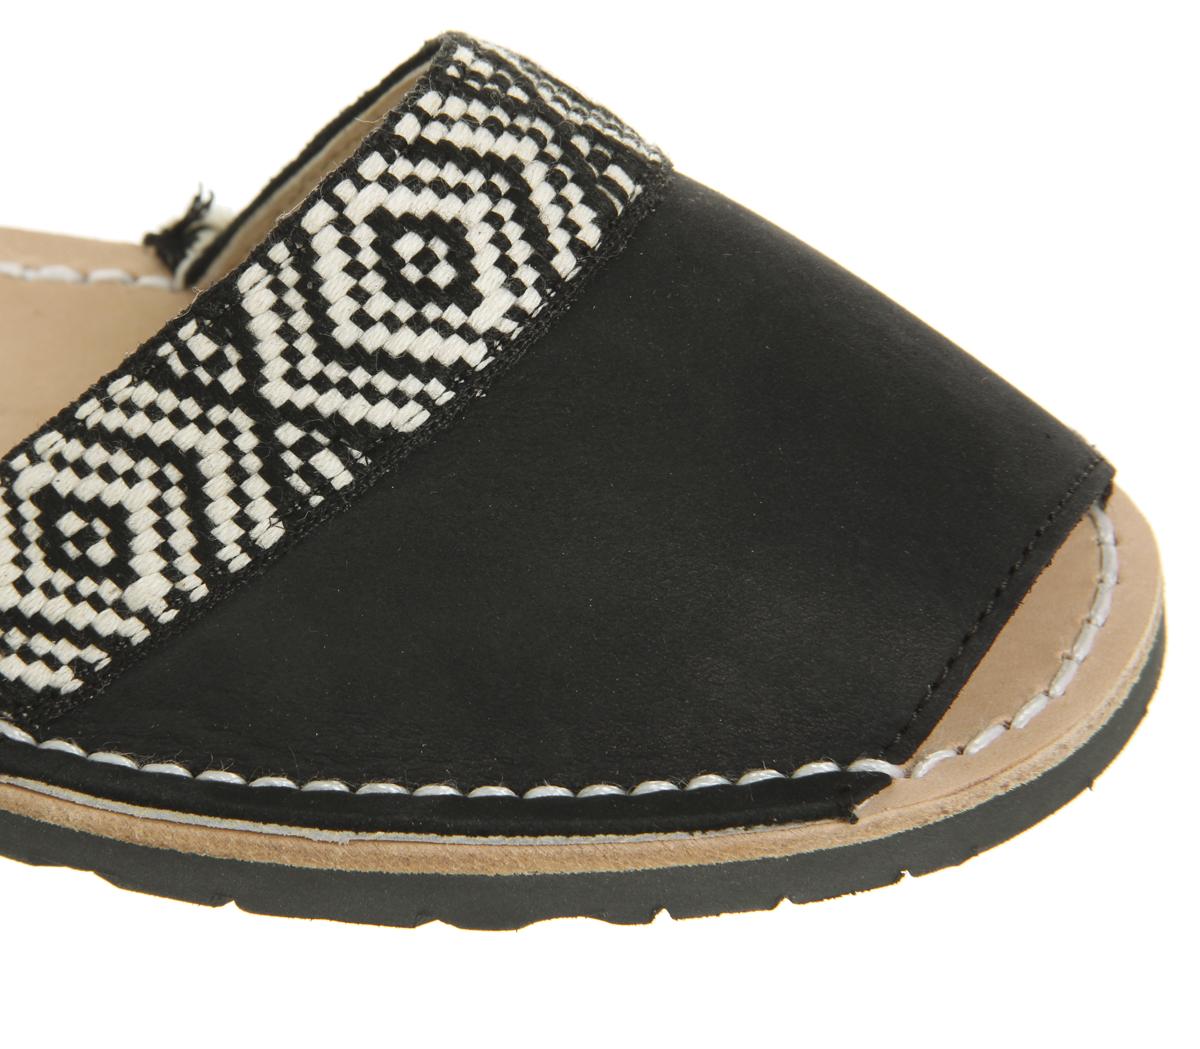 c5115e54e875 Womens Solillas Solillas Wrap Tie Sandals Black White Sandals